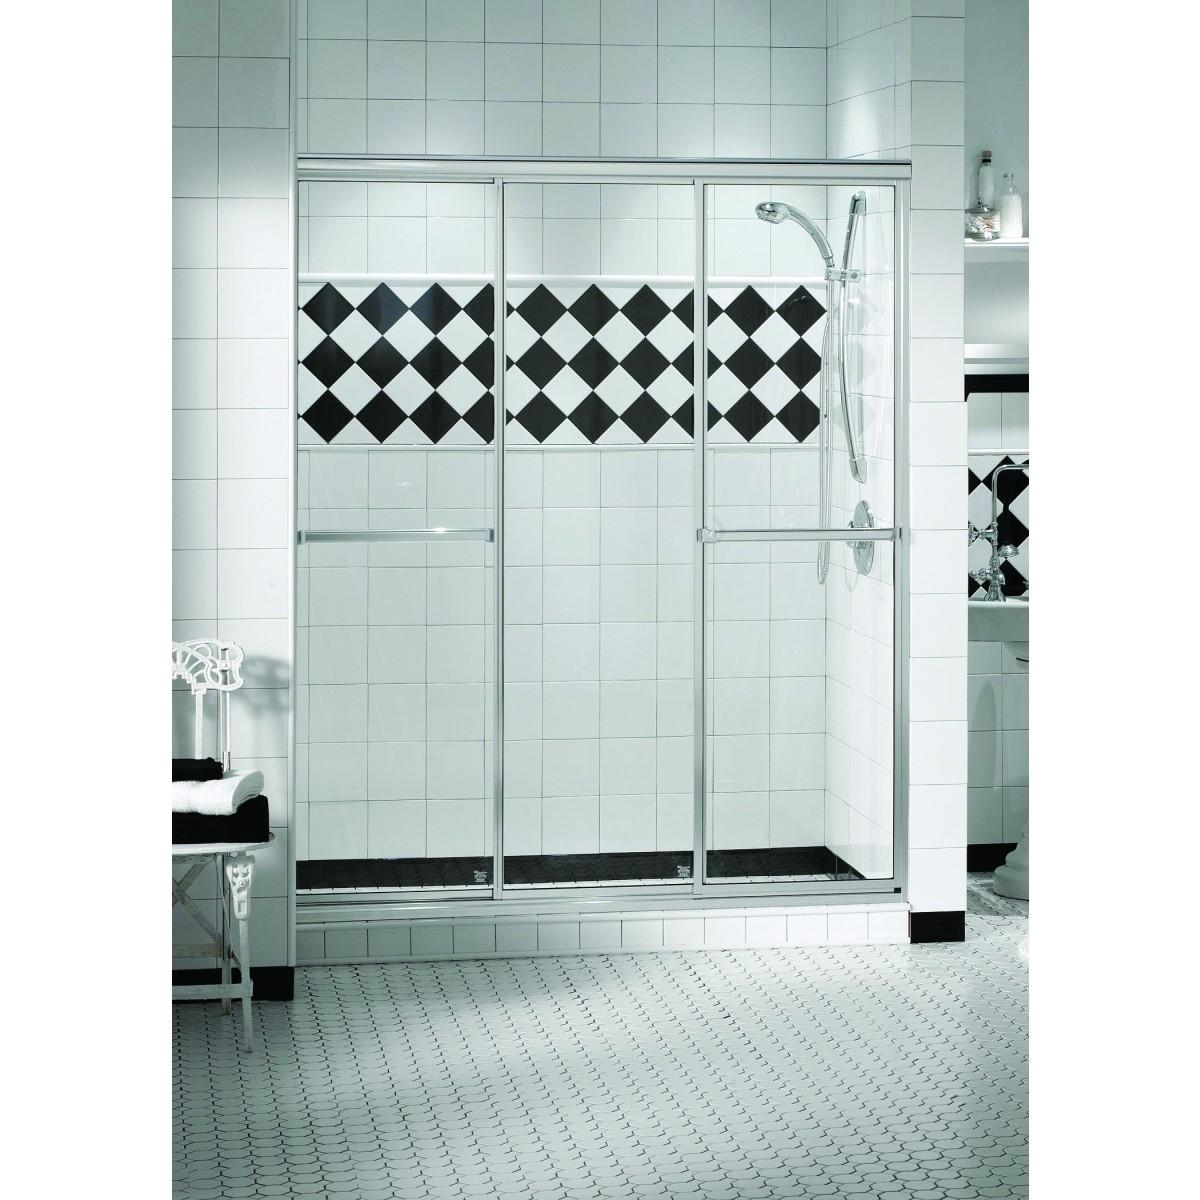 Maax 3 Panel Sliding Shower DoorMaax 3 Panel Sliding Shower Door